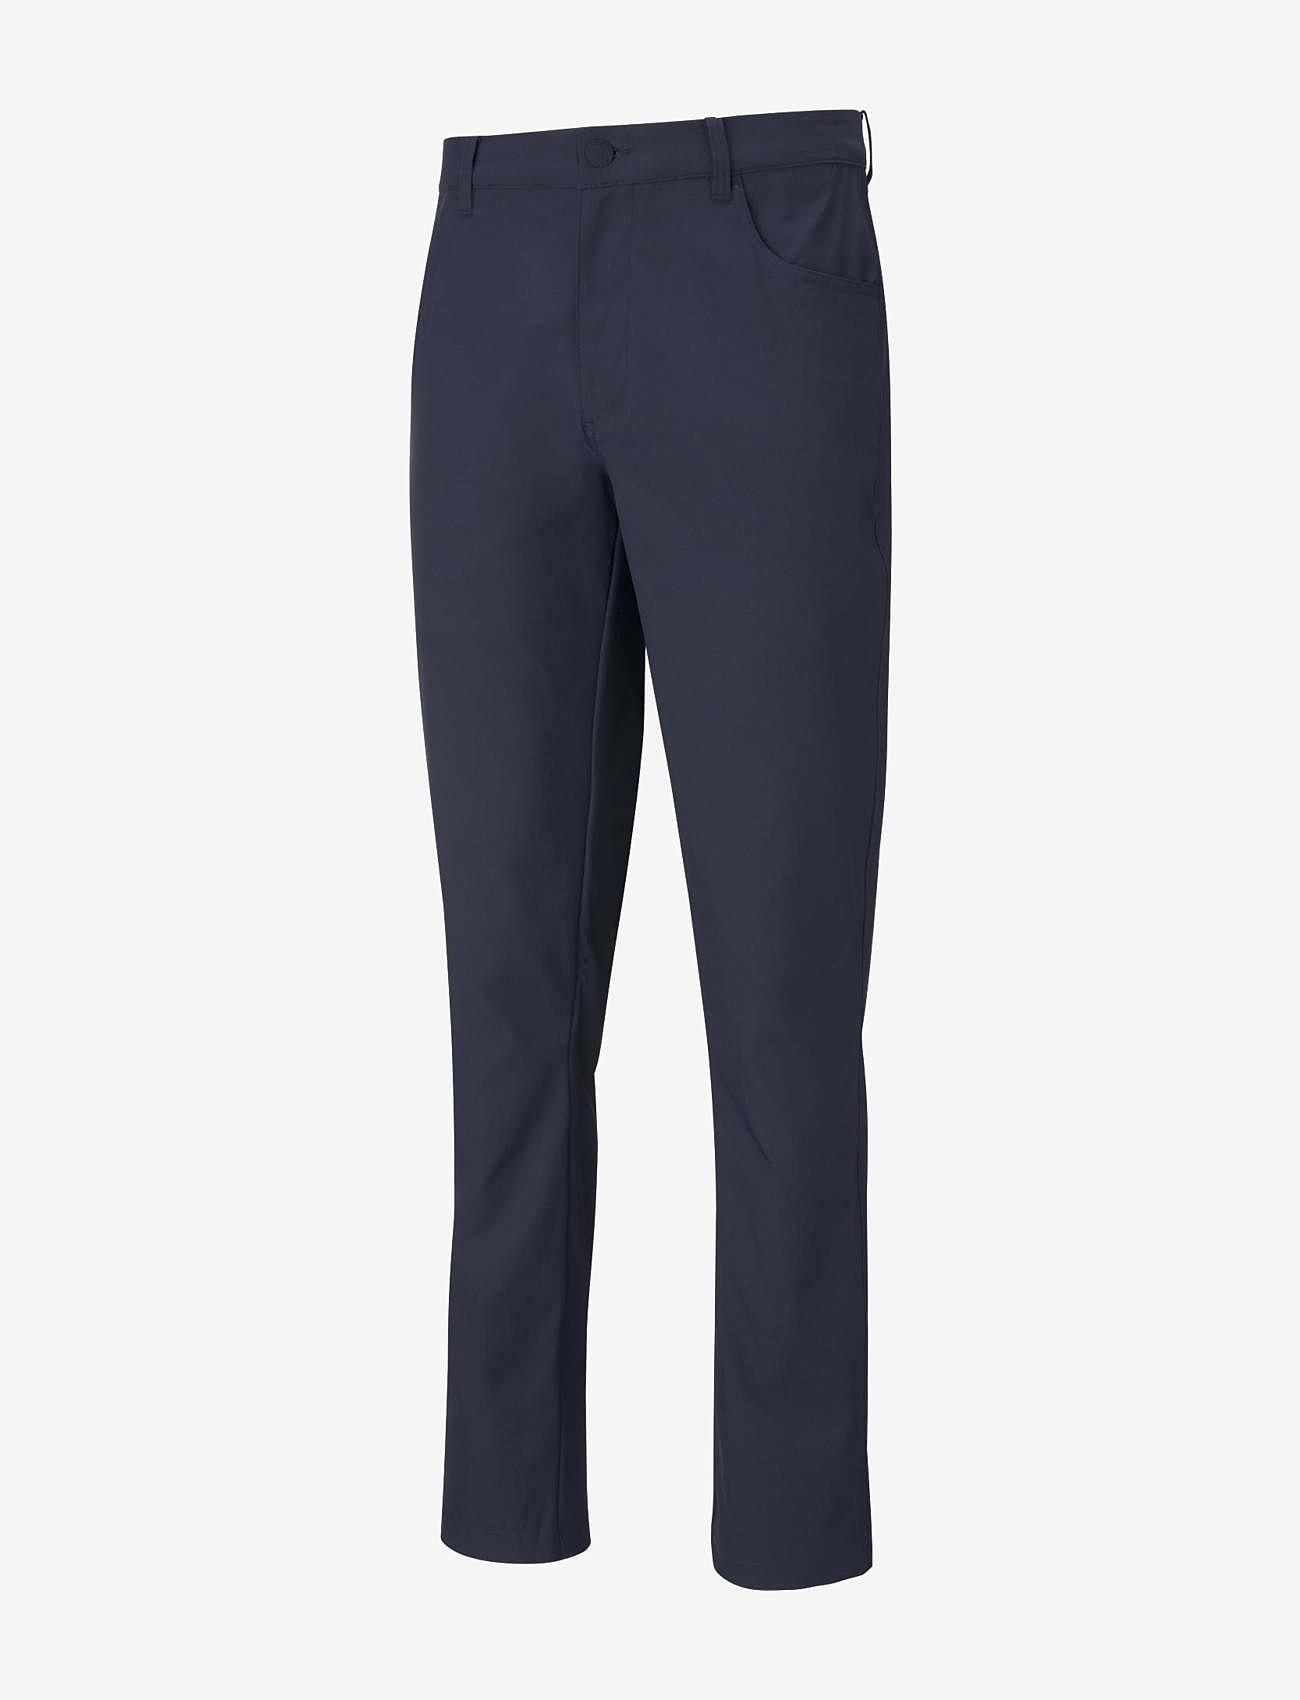 PUMA Golf - Jackpot 5 Pocket Pant - golfbyxor - navy blazer - 0